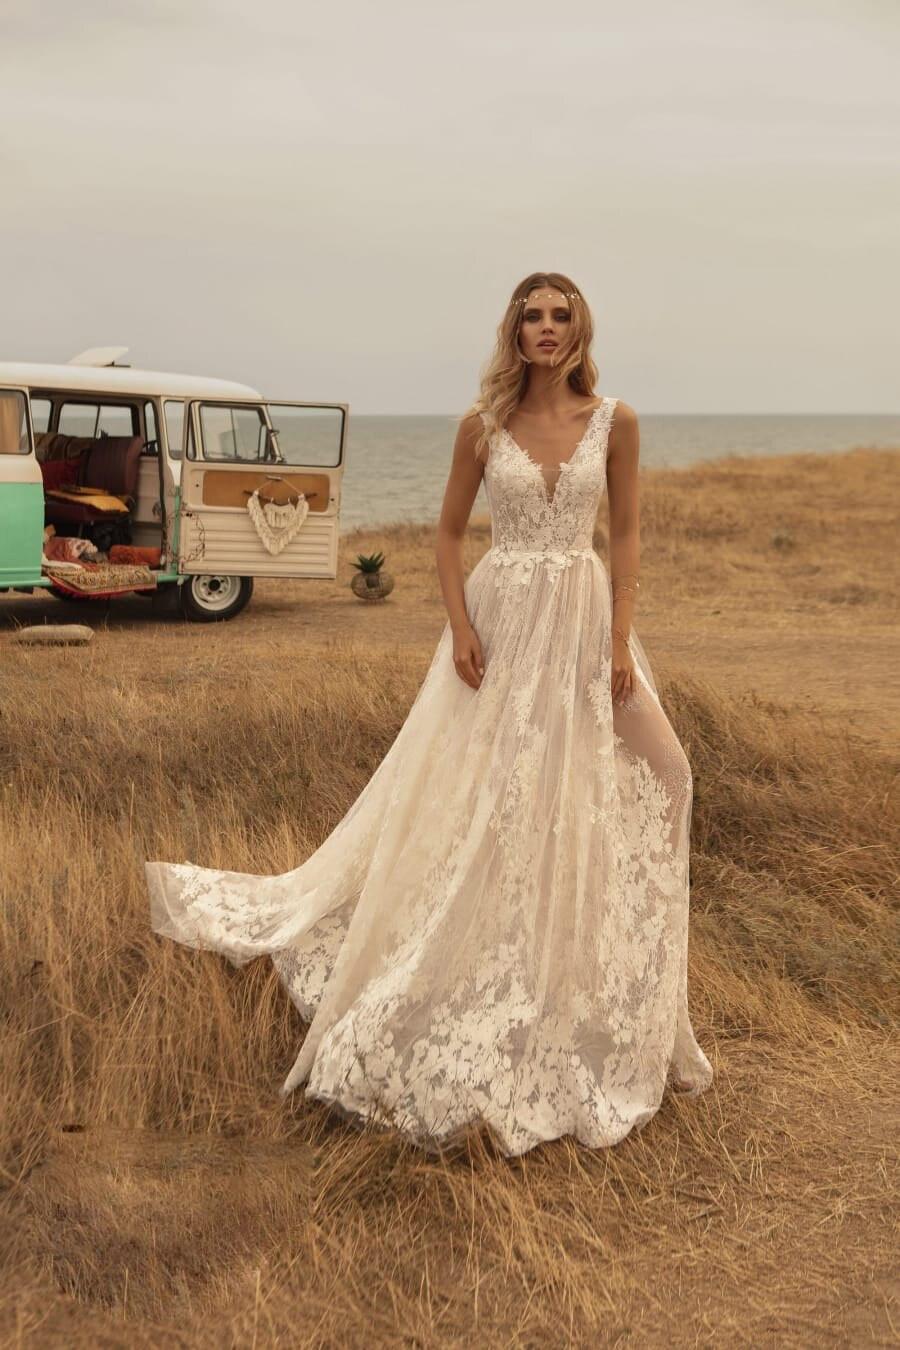 Vestido de noiva  para casamento country